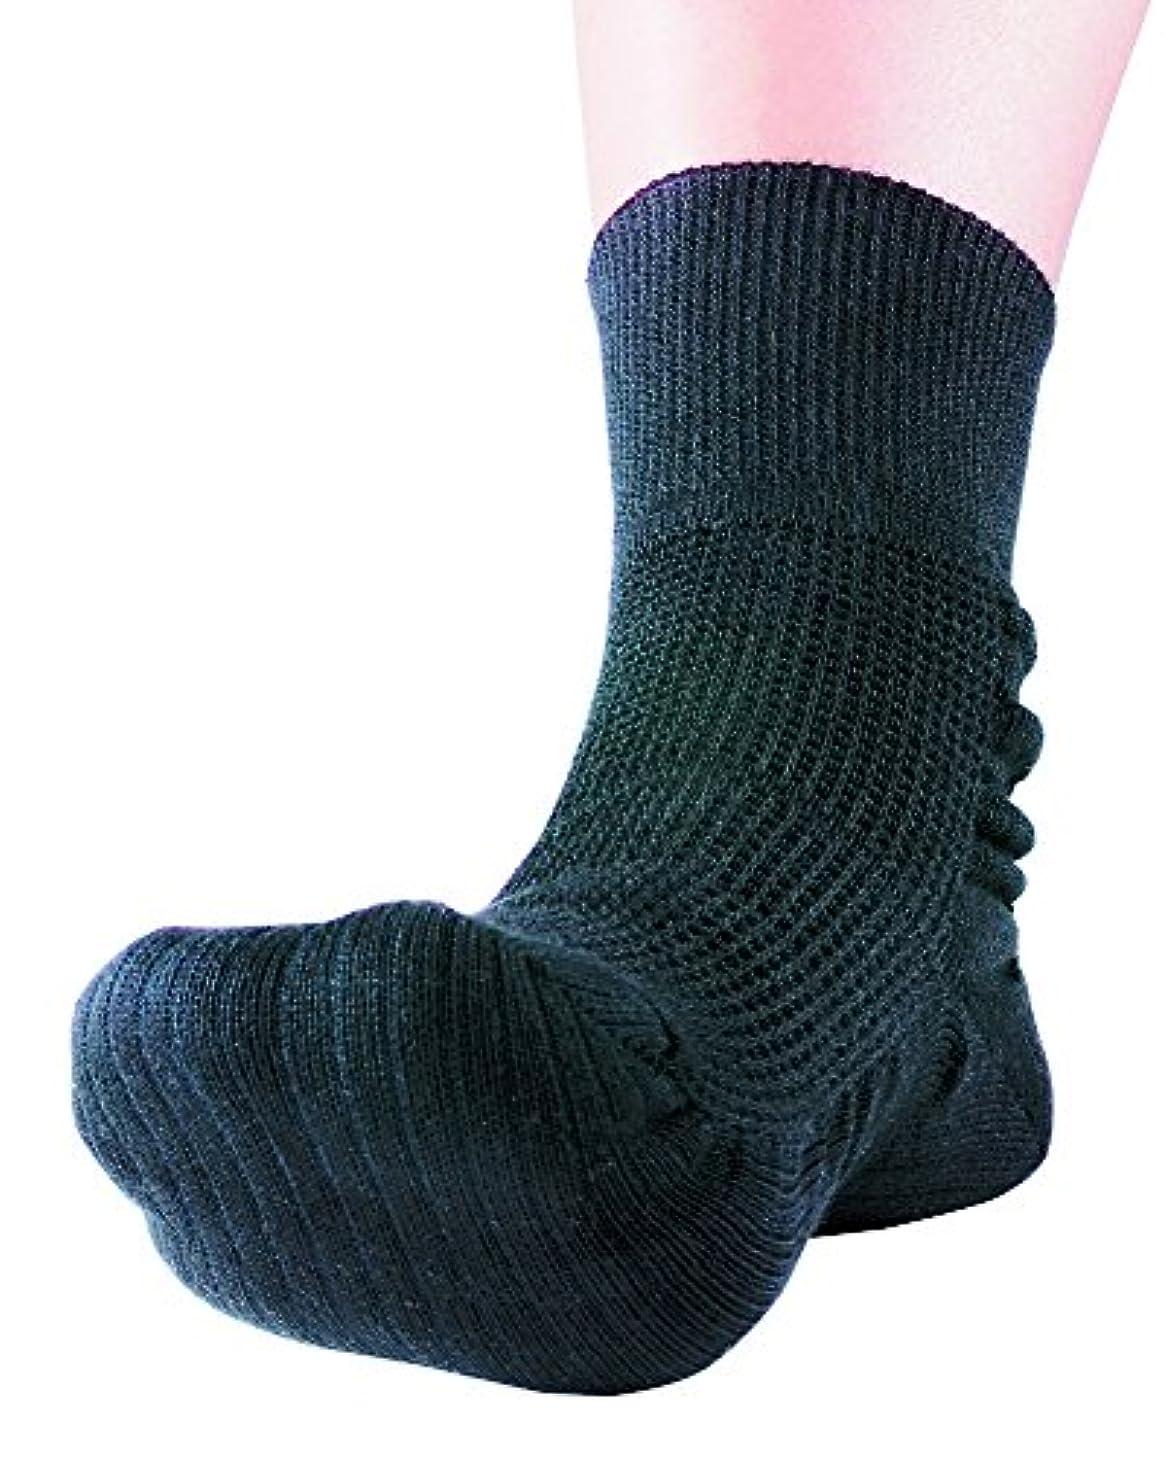 雑草スクラブ気性つま先上がり足裏健康靴下 Lブラック